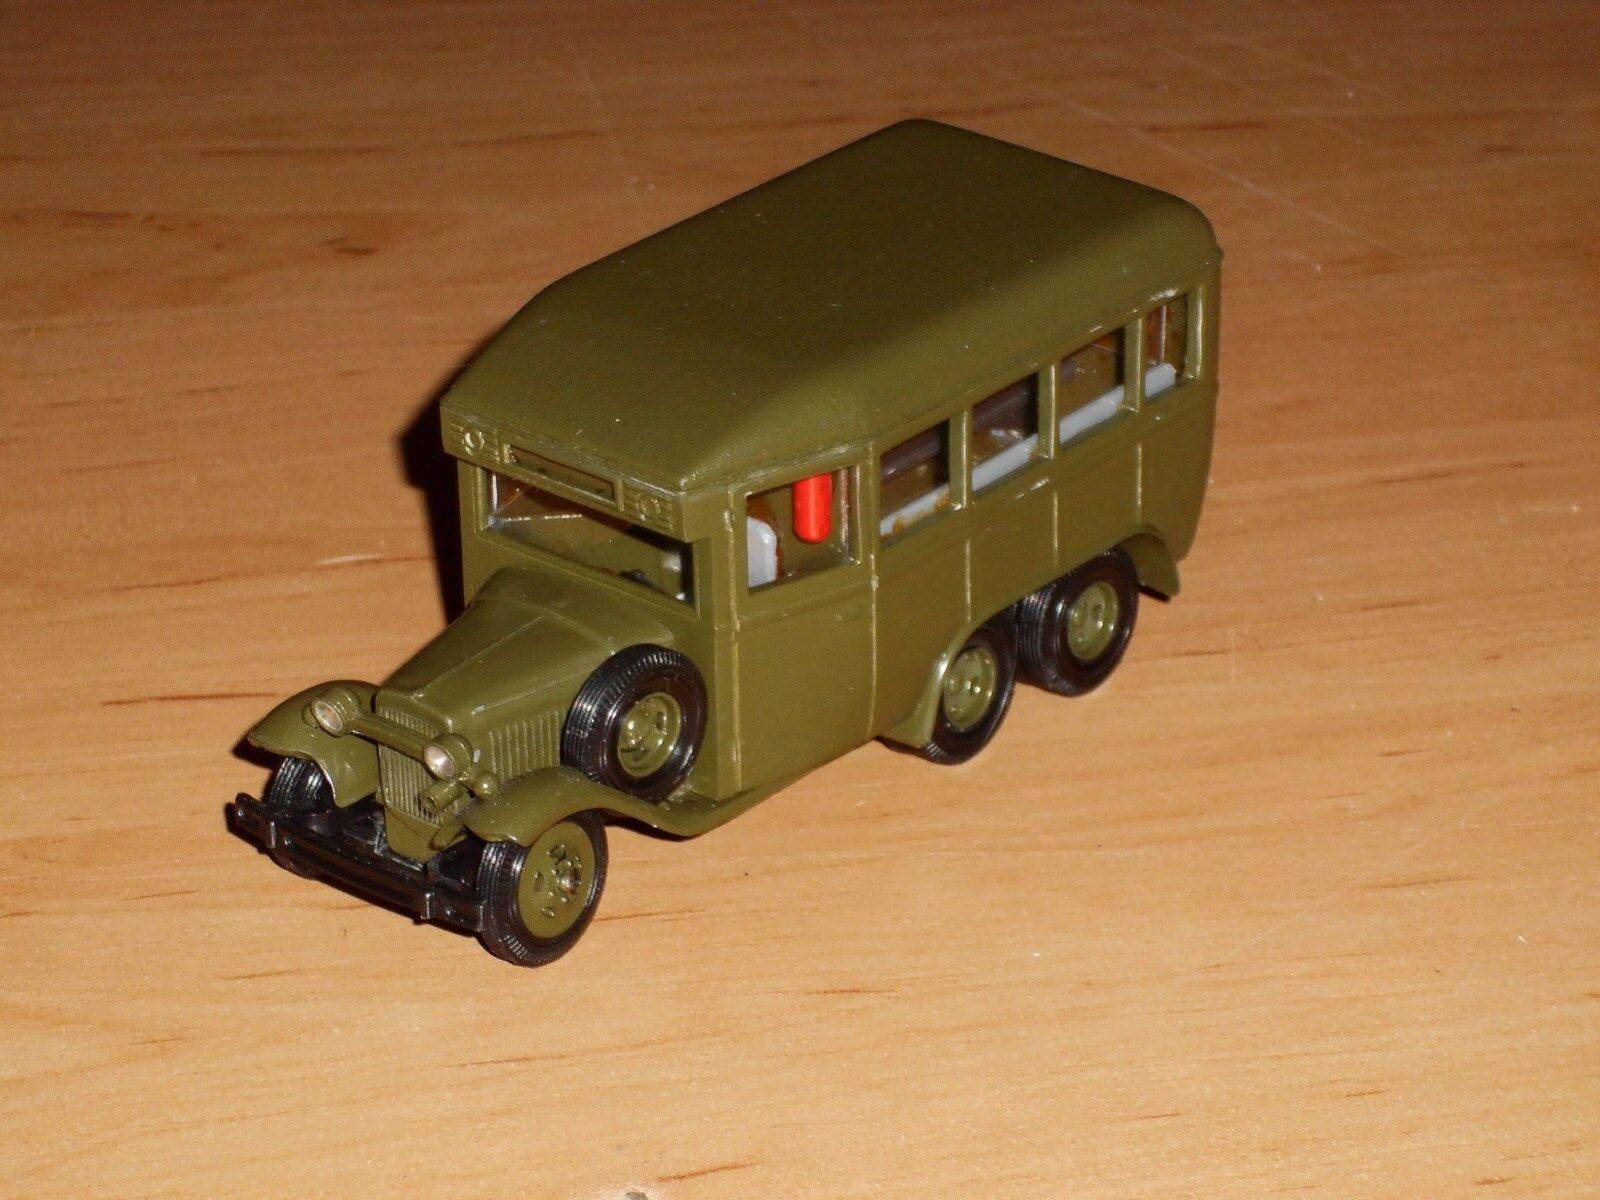 Bus gaz-05-193, DoKa, russe à la main modèle 1,43